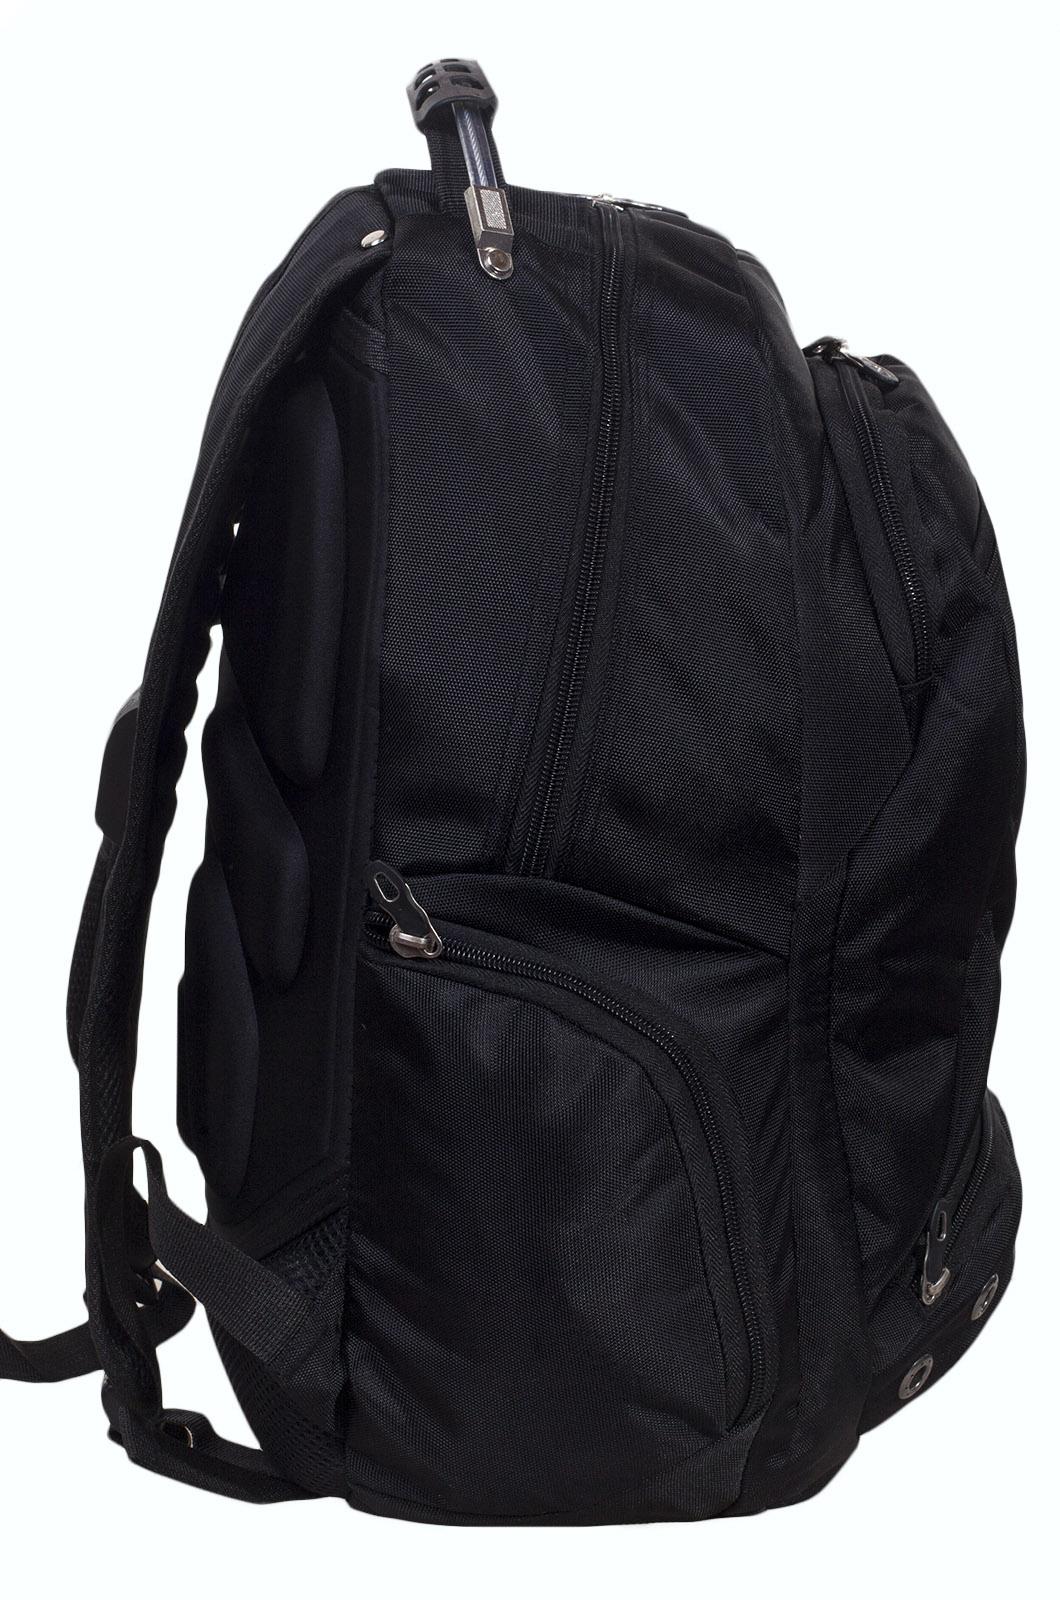 Заказать стильный городской рюкзак с шевроном ВДВ